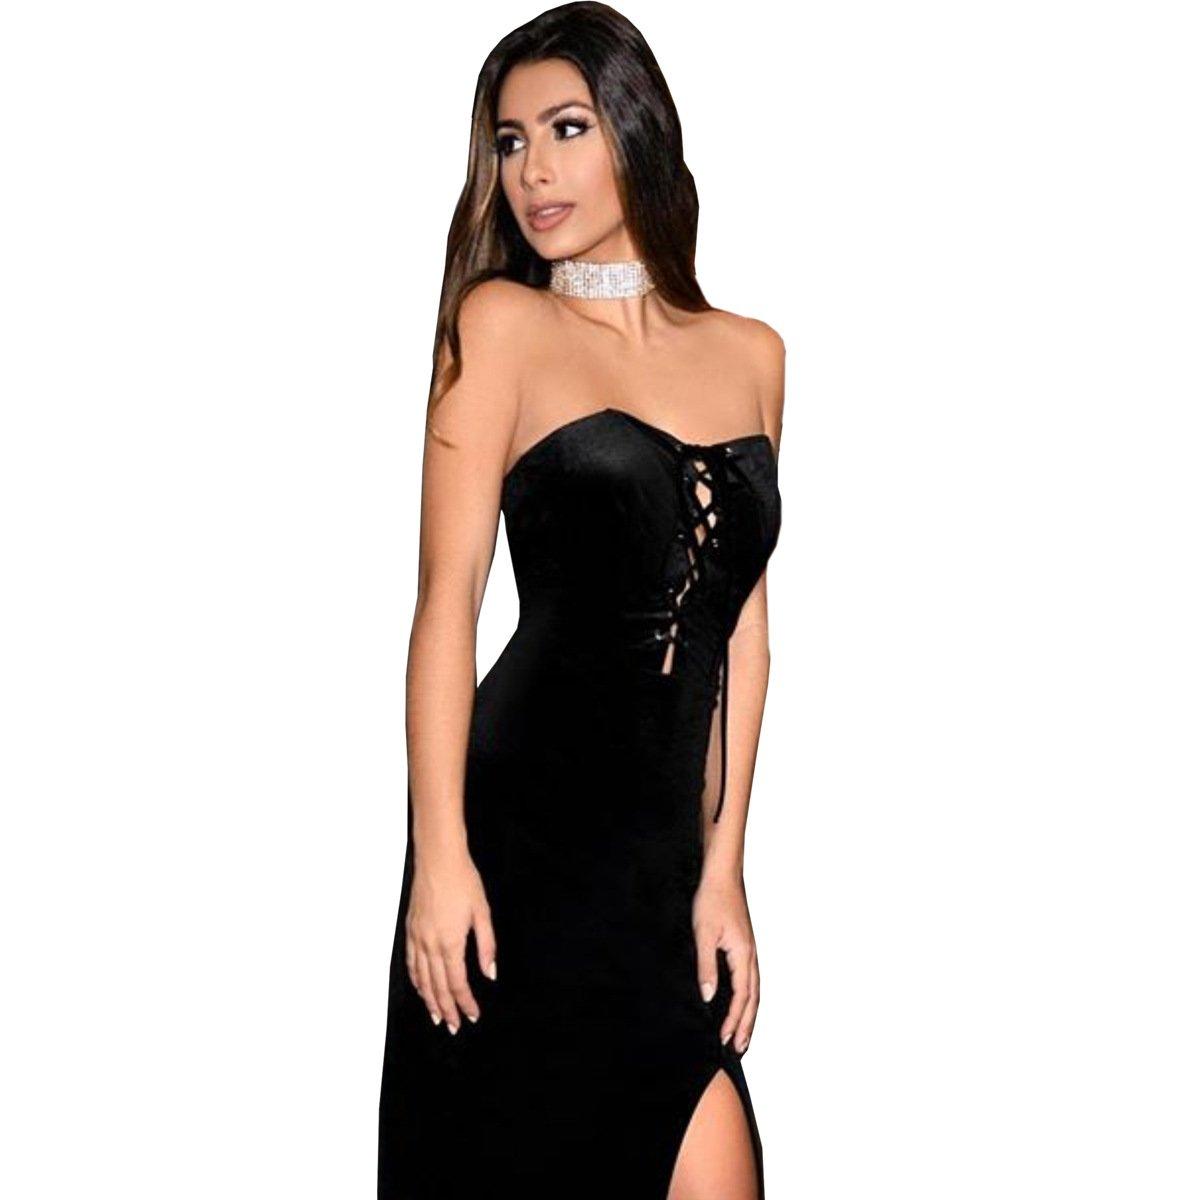 Da donna in velluto nero con lacci corsetto senza spalline MIDI Dress Club Wear party cocktail abbigliamento taglia XL UK 14EU 42